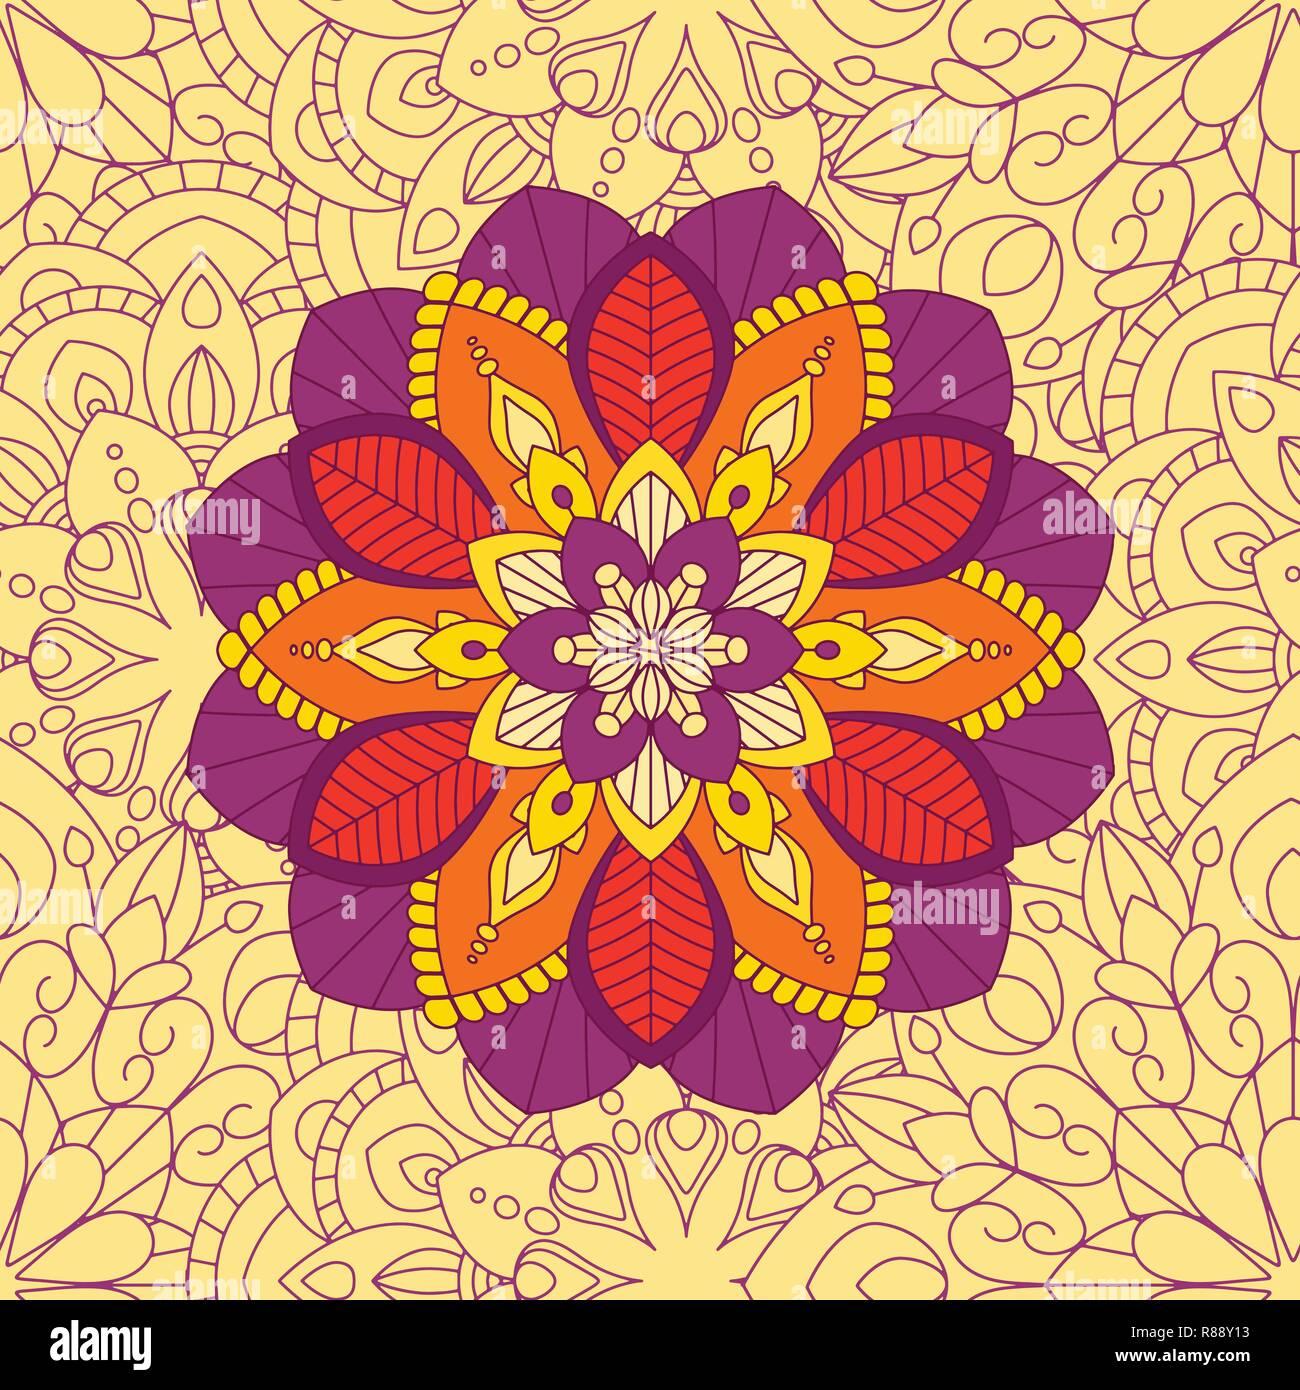 Doodle mandala seamless pattern, elementi floreali, ornamento decorativo. Il modello di ripetizione dello sfondo. Araba, Asiatica, motivi ottomano. Disegnato a mano illustrazione vettoriale Immagini Stock